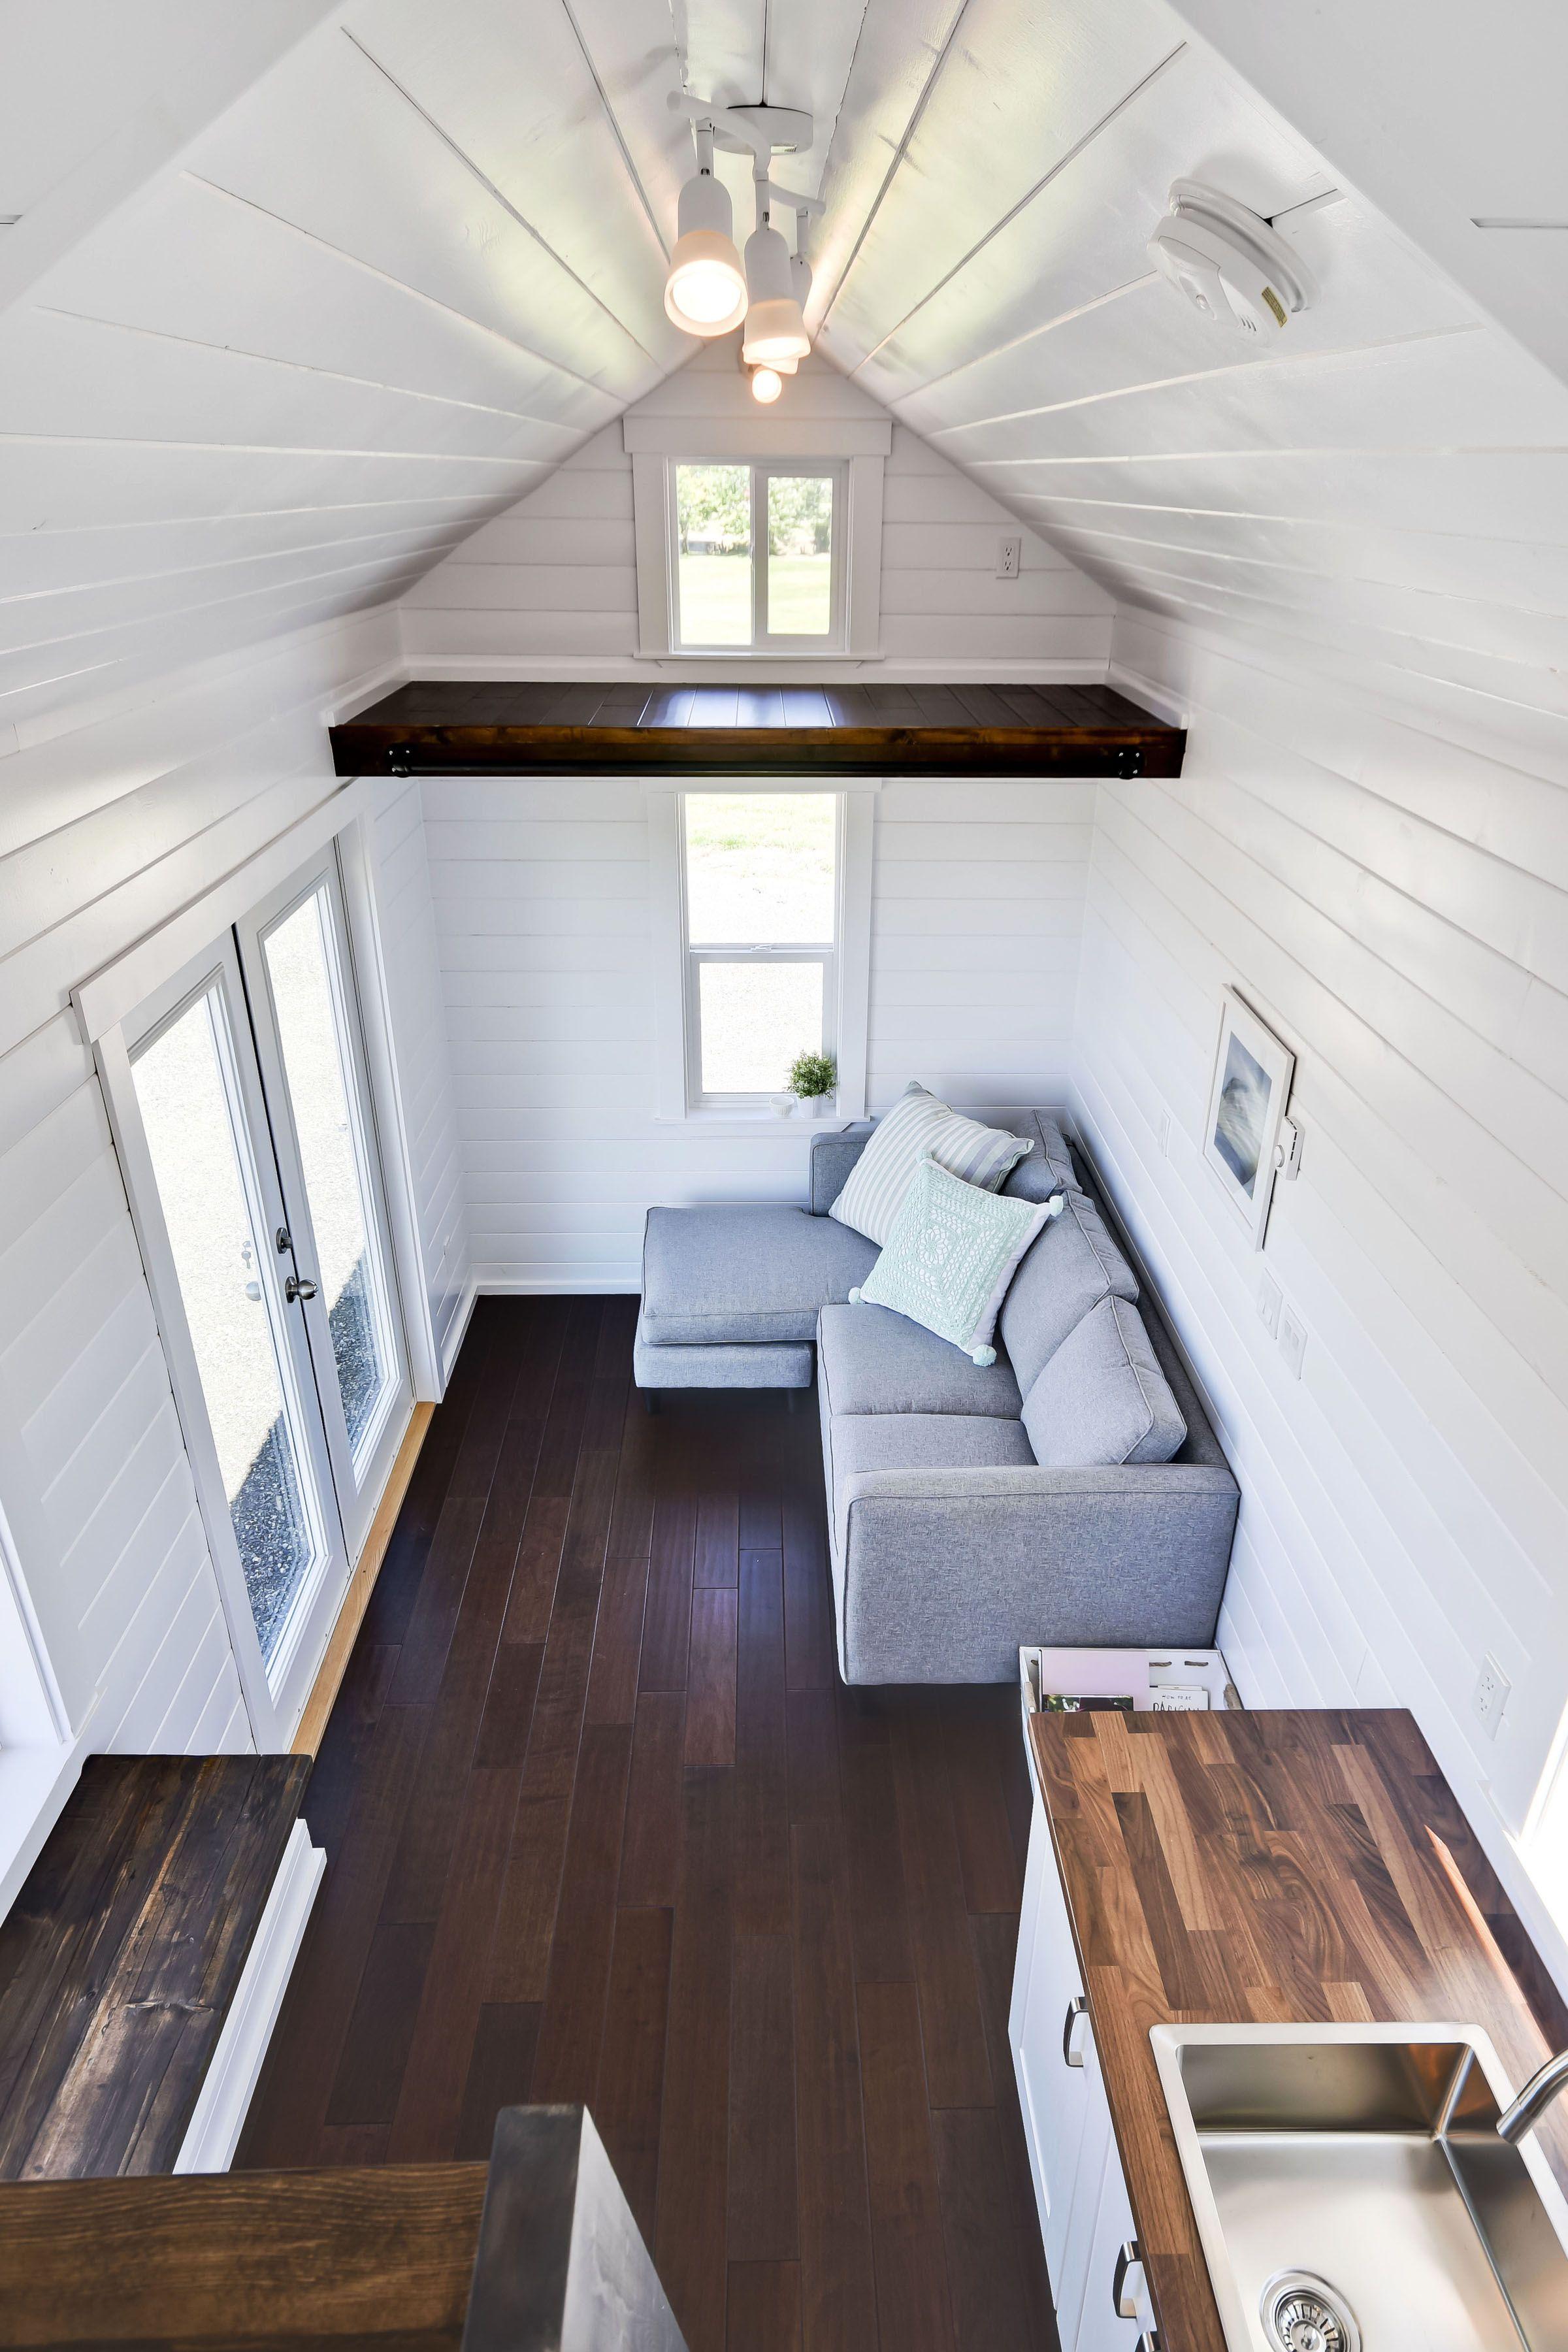 wunderbar kleines haus dachstuhl ideen benutzerdefinierte bilderrahmen ideen. Black Bedroom Furniture Sets. Home Design Ideas